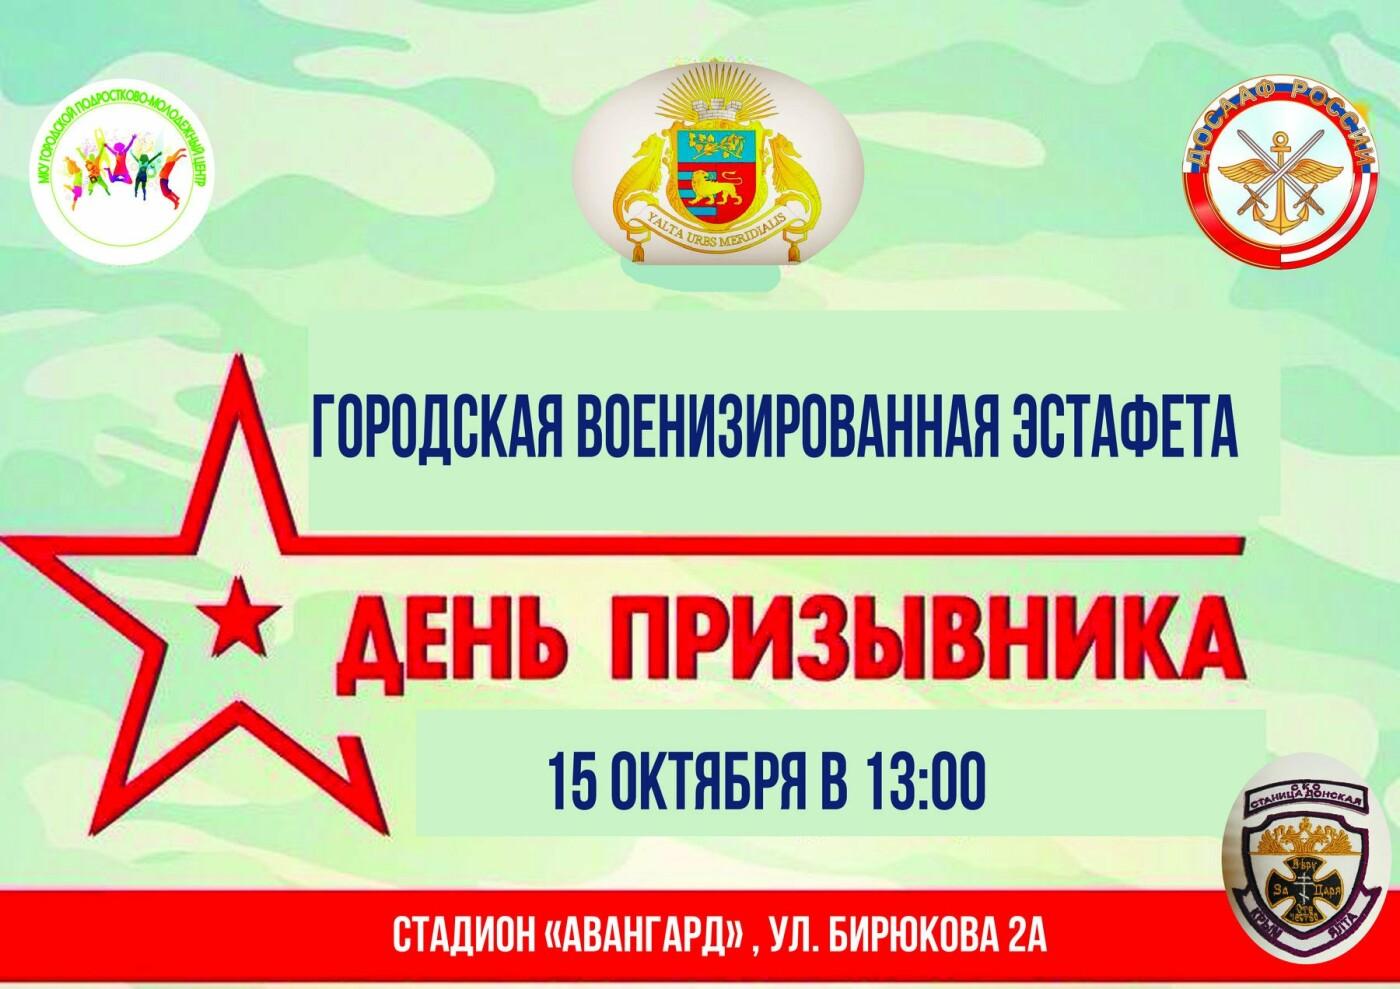 В Ялте пройдет эстафета ко Всероссийскому дню призывника, фото-1